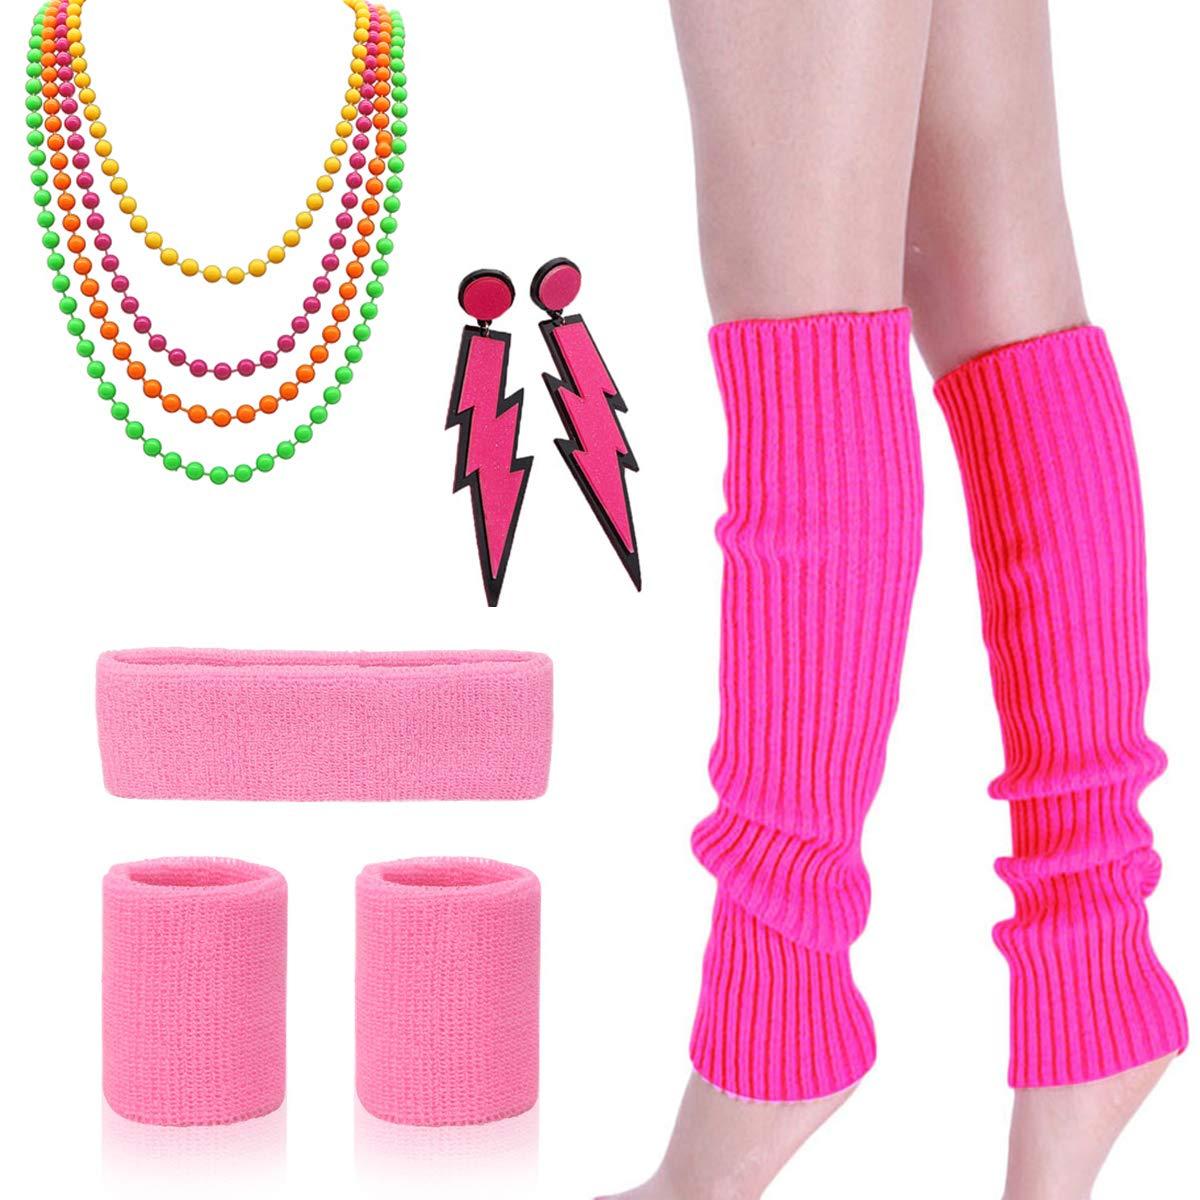 Ladies Neon Fishnet Workout 80/'s 1980/'s Leg Warmers Fancy Dress Accessory